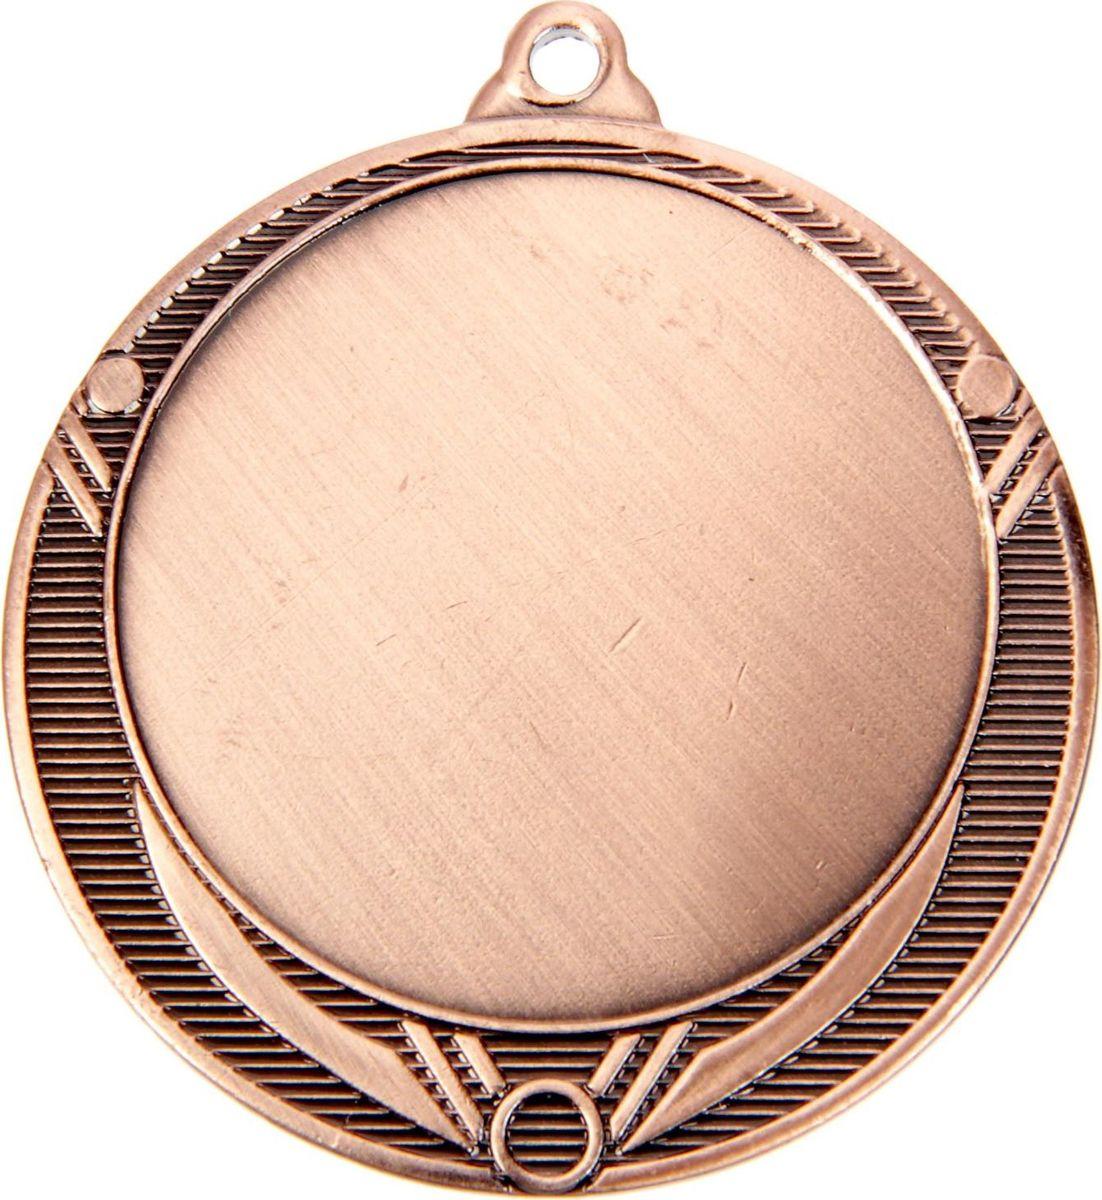 Медаль сувенирная с местом для гравировки, цвет: бронзовый, диаметр 5 см. 0451387702Невозможно представить нашу жизнь без праздников! Мы всегда ждём их и предвкушаем, обдумываем, как проведём памятный день, тщательно выбираем подарки и аксессуары, ведь именно они создают и поддерживают торжественный настрой. Это отличный выбор, который привнесёт атмосферу праздника в ваш дом!